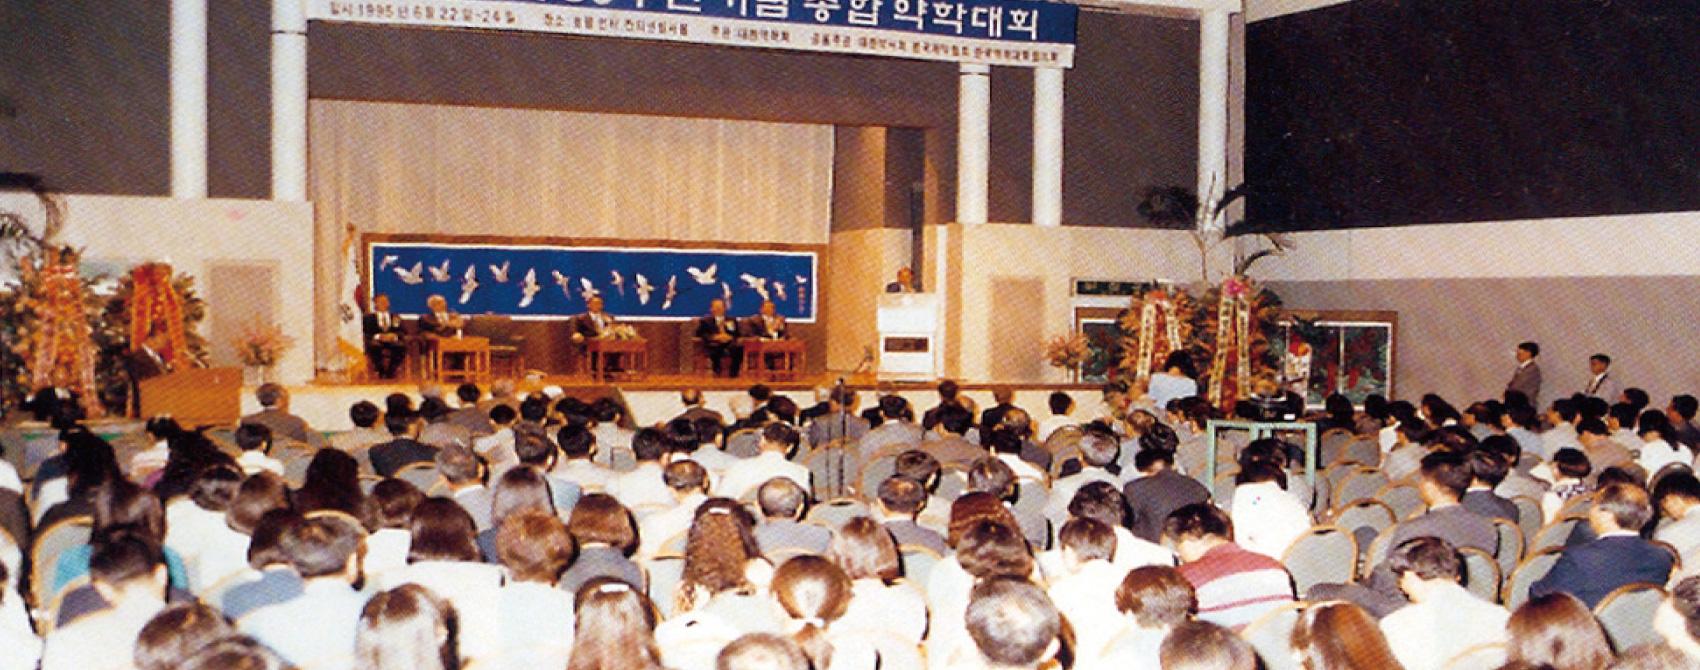 개회식 장면(회장 김일혁)